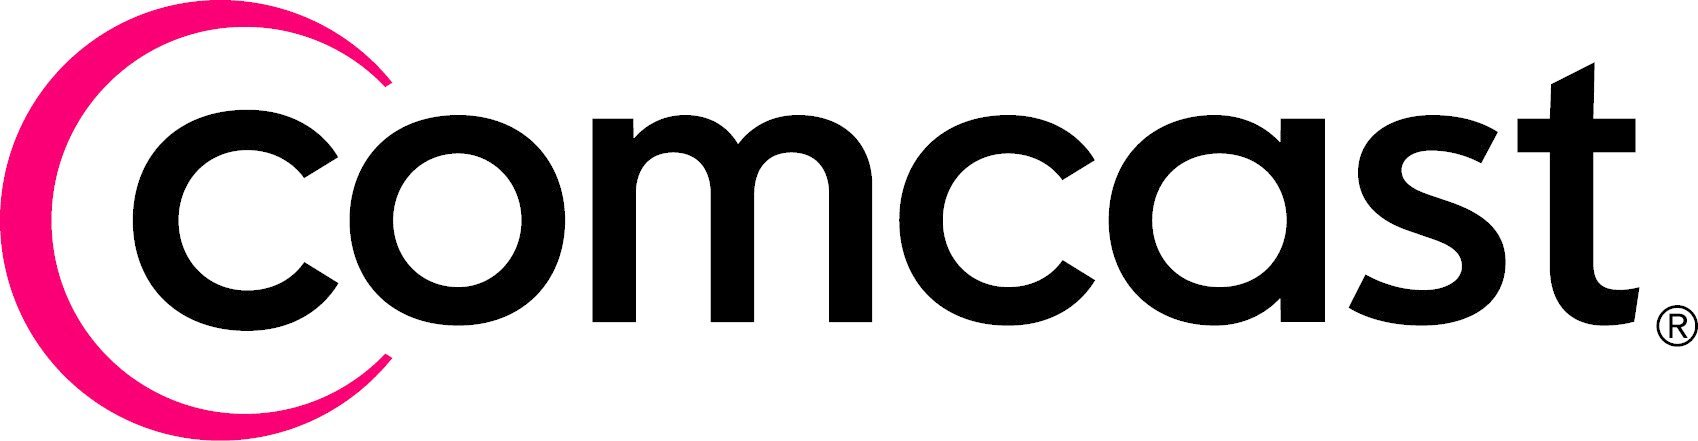 comcast_c-2008